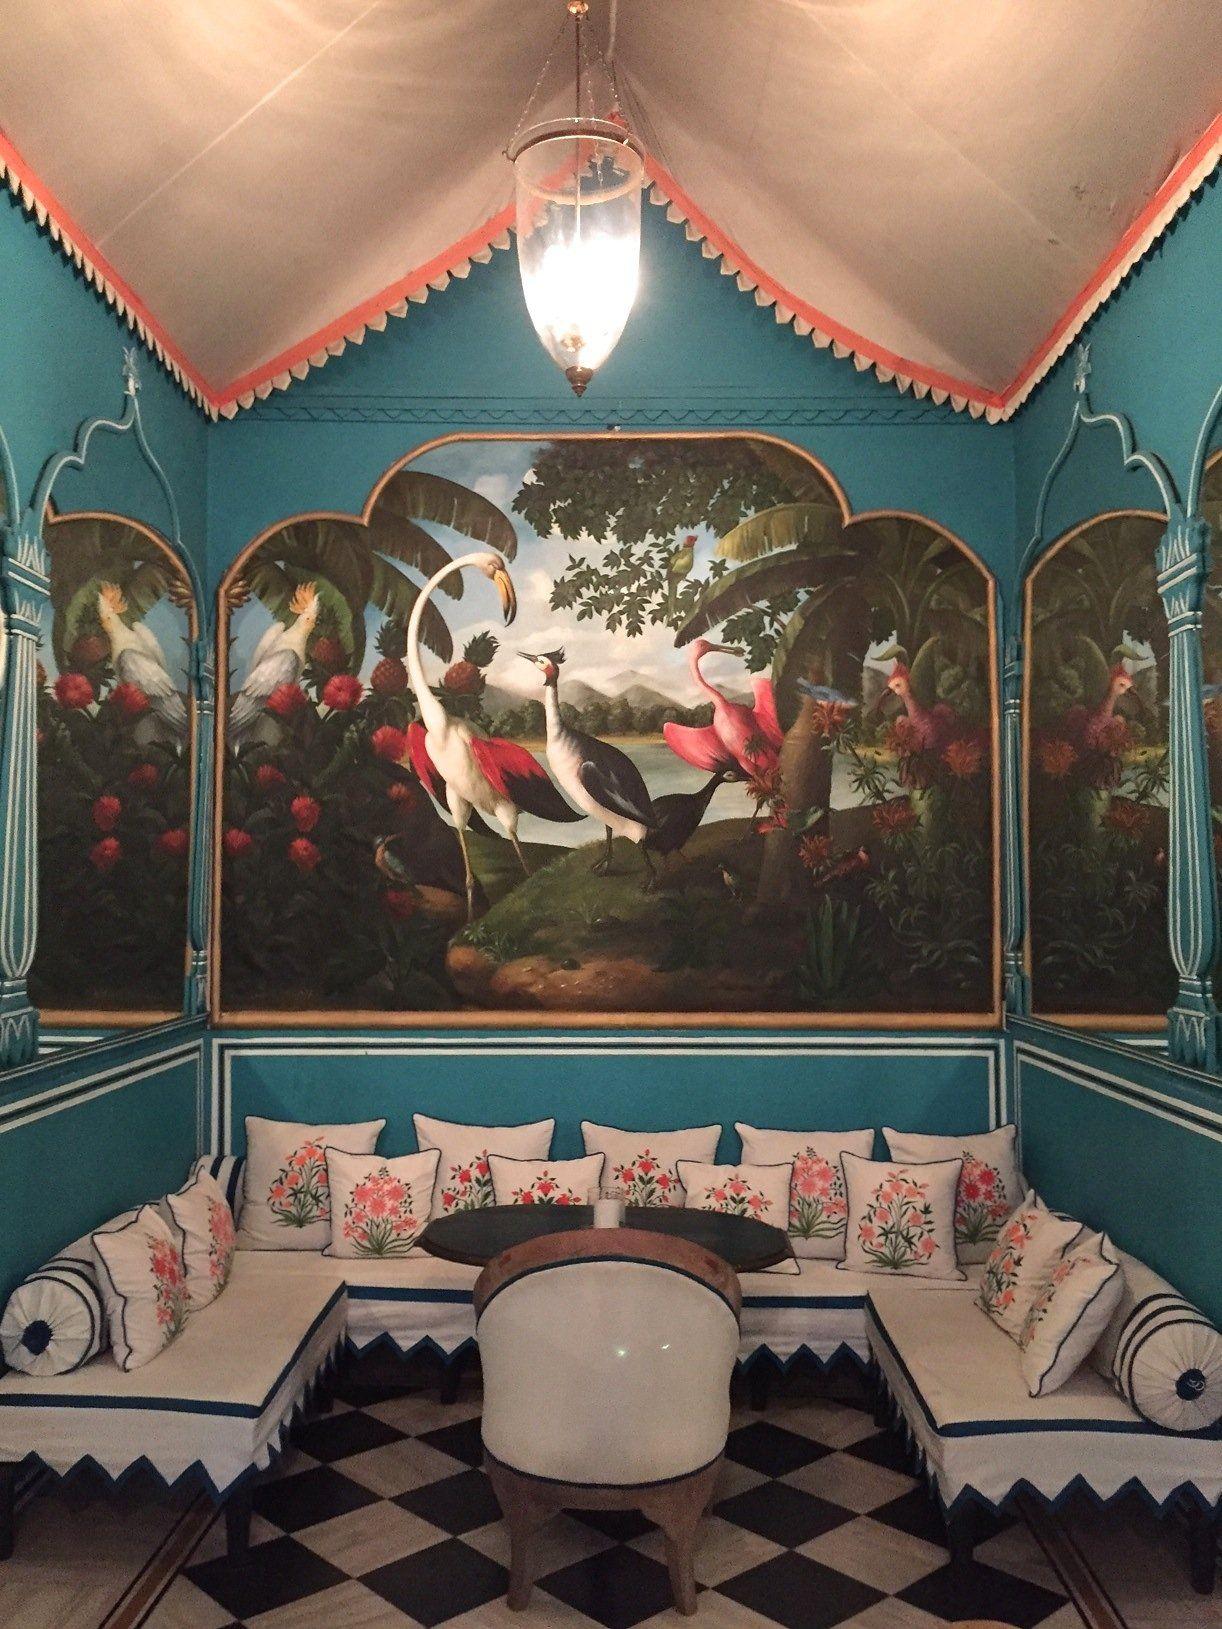 Caffé Palladio in Jaipur India